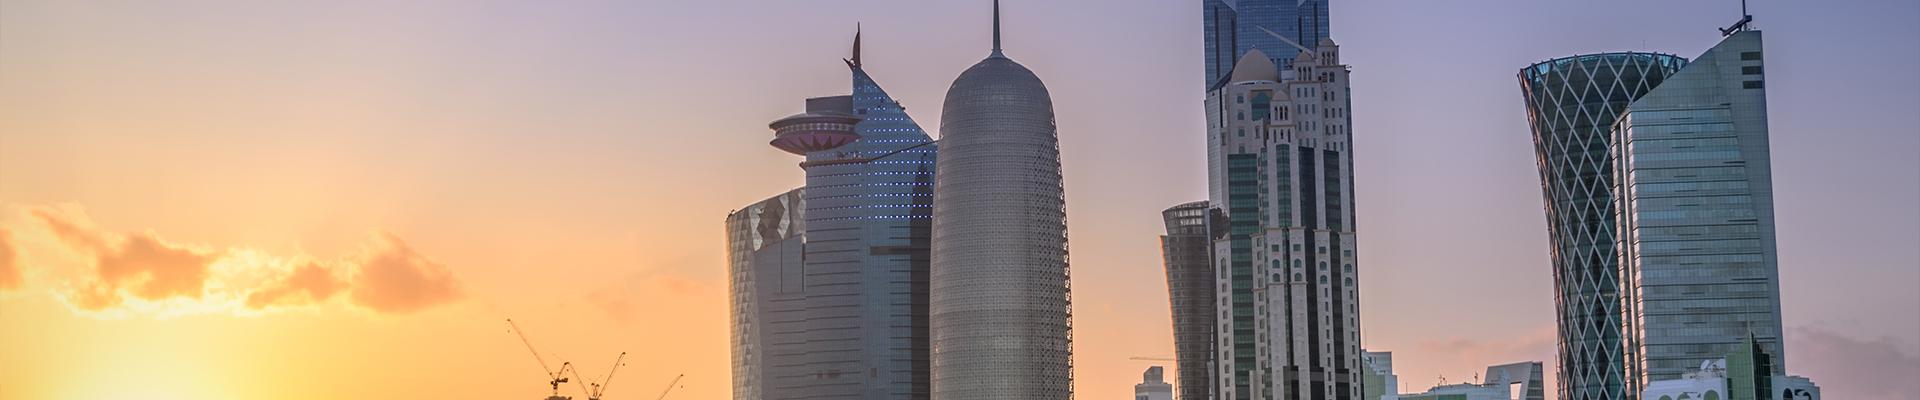 نُبذة عن قطر